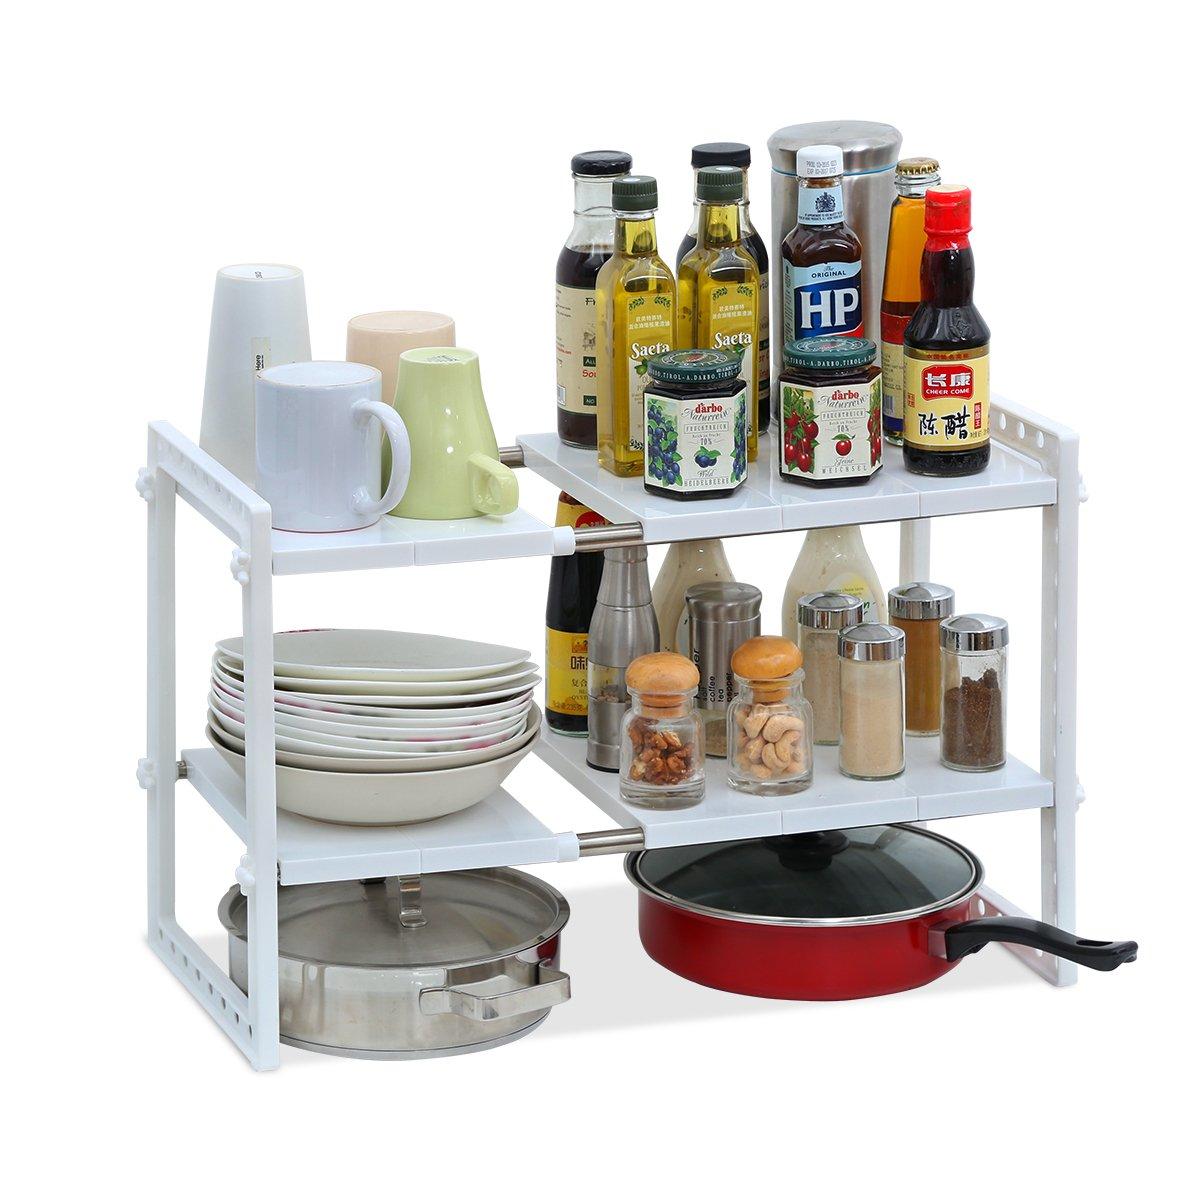 Creatwo 2 Tier Under Sink Shelf Extendable Adjustable Kitchen Cabinet Organizer, White